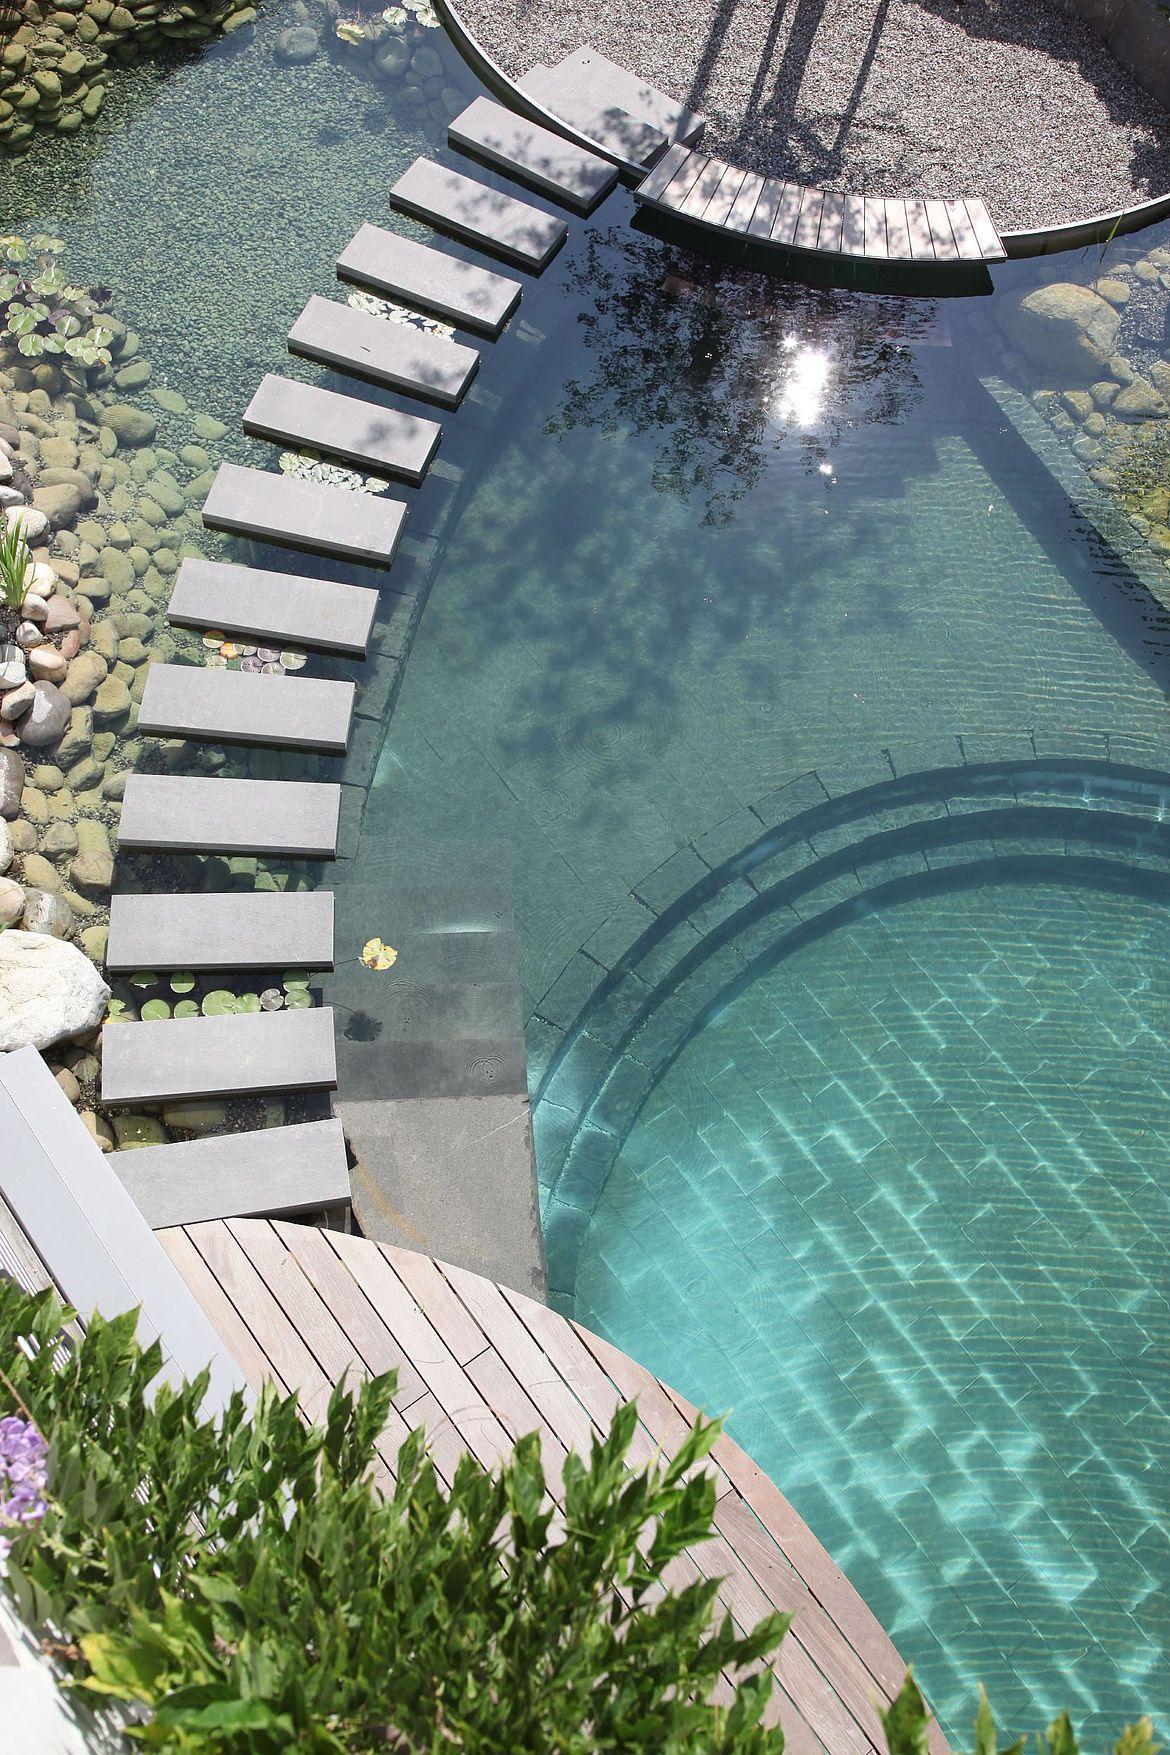 schwimmteich teich pool teichgestaltung nat rlich gro modern elegant home pinterest. Black Bedroom Furniture Sets. Home Design Ideas